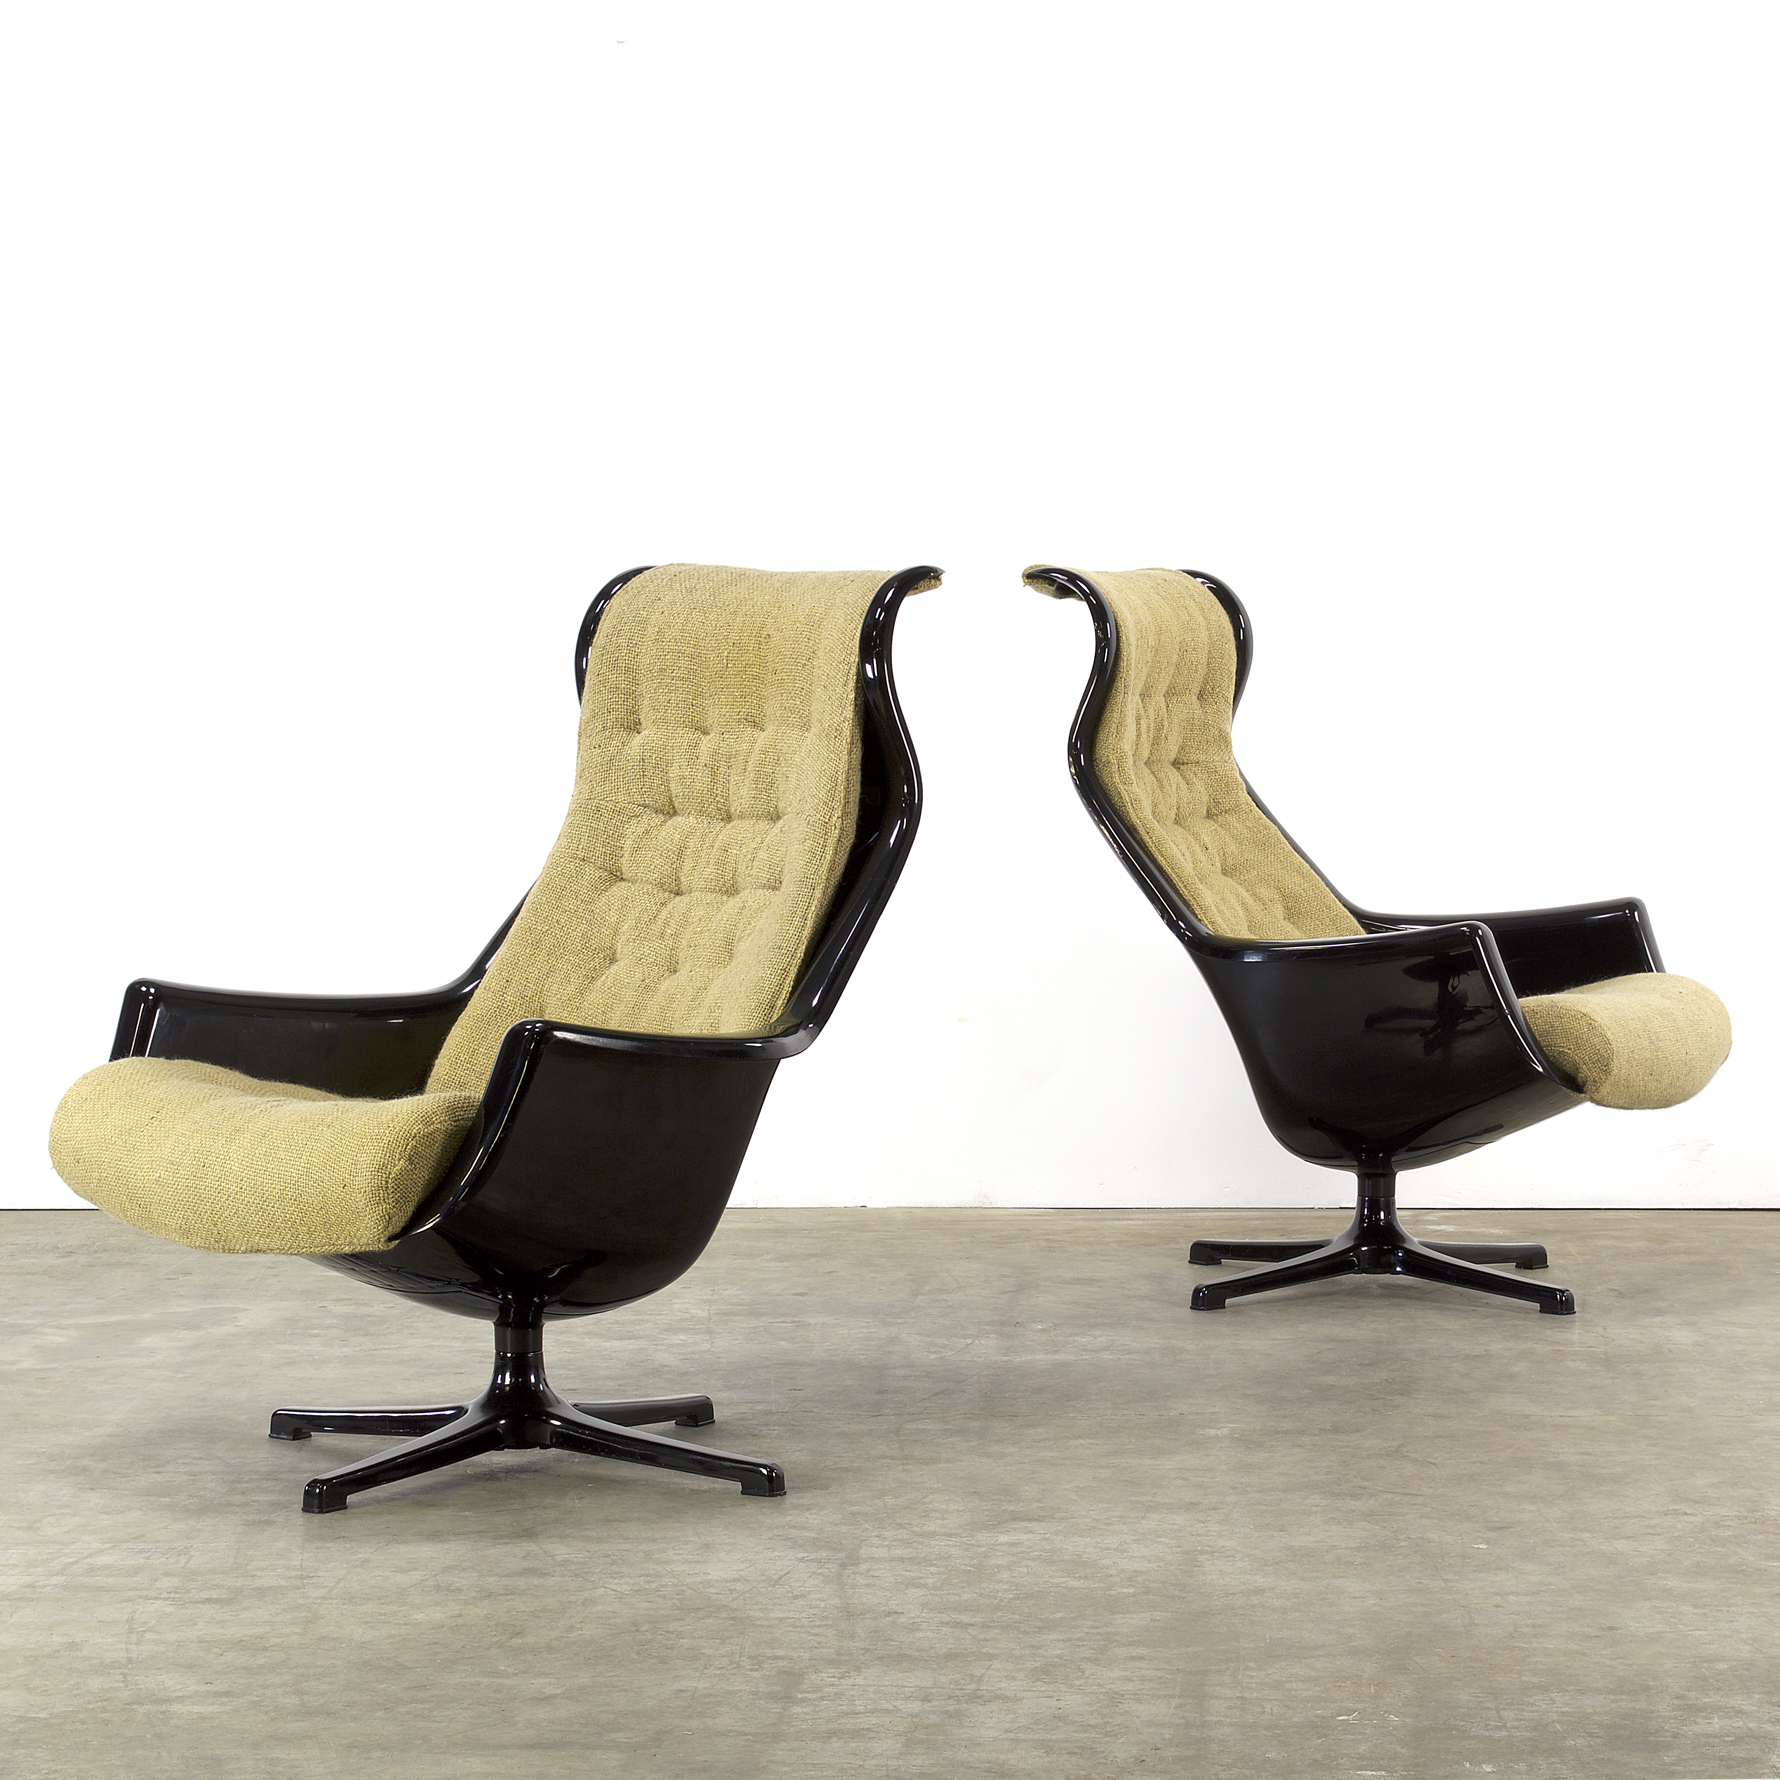 70s alf svensson yngvar sandstr m galaxy fauteuils for dux set 2 barbmama. Black Bedroom Furniture Sets. Home Design Ideas